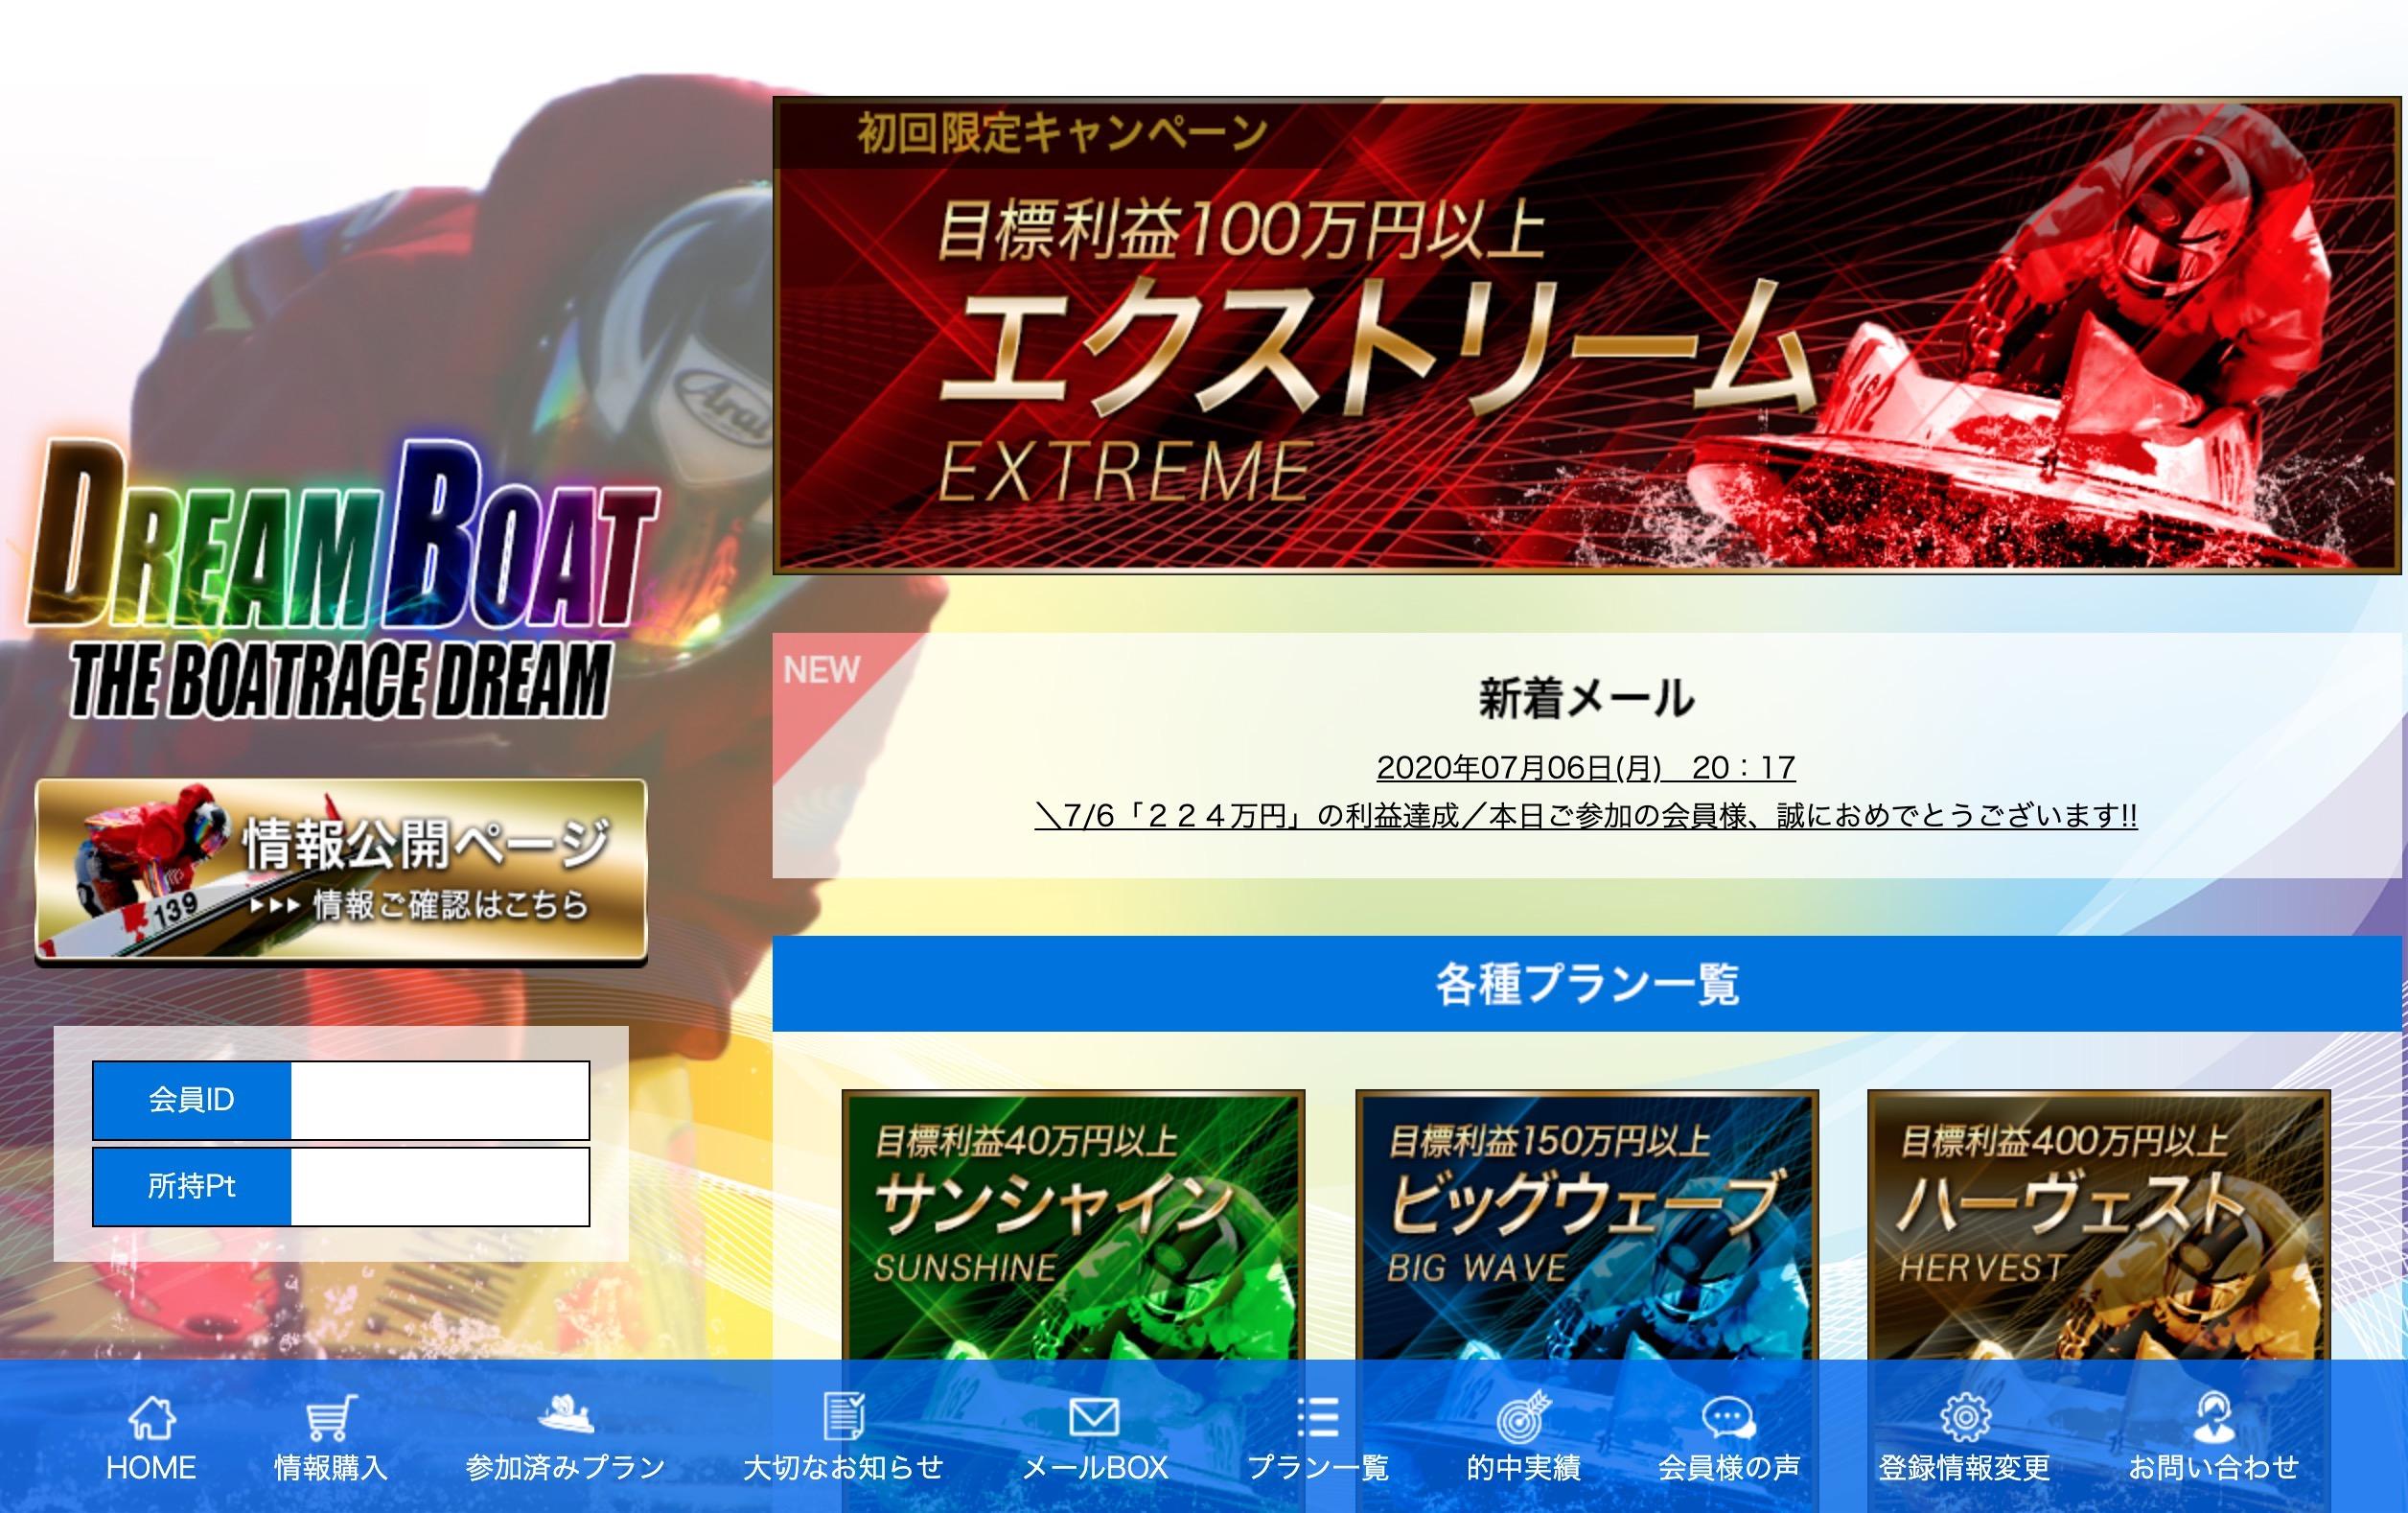 ドリームボート(DREAMBOAT)3